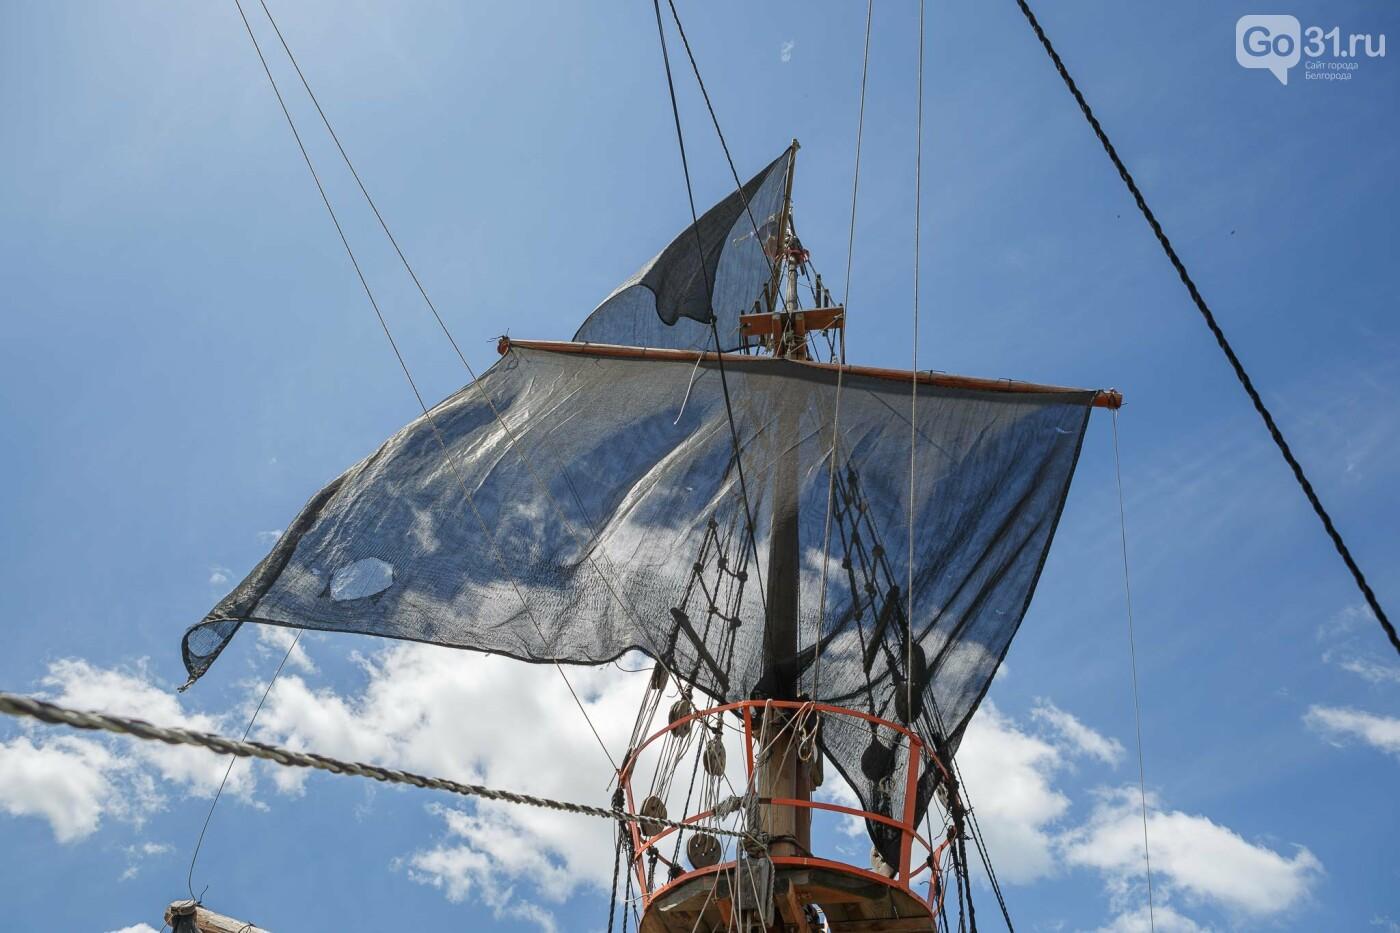 Корабль из гаража. Как создавался пиратский галеон в Купино, фото-13, Фото: Антон Вергун